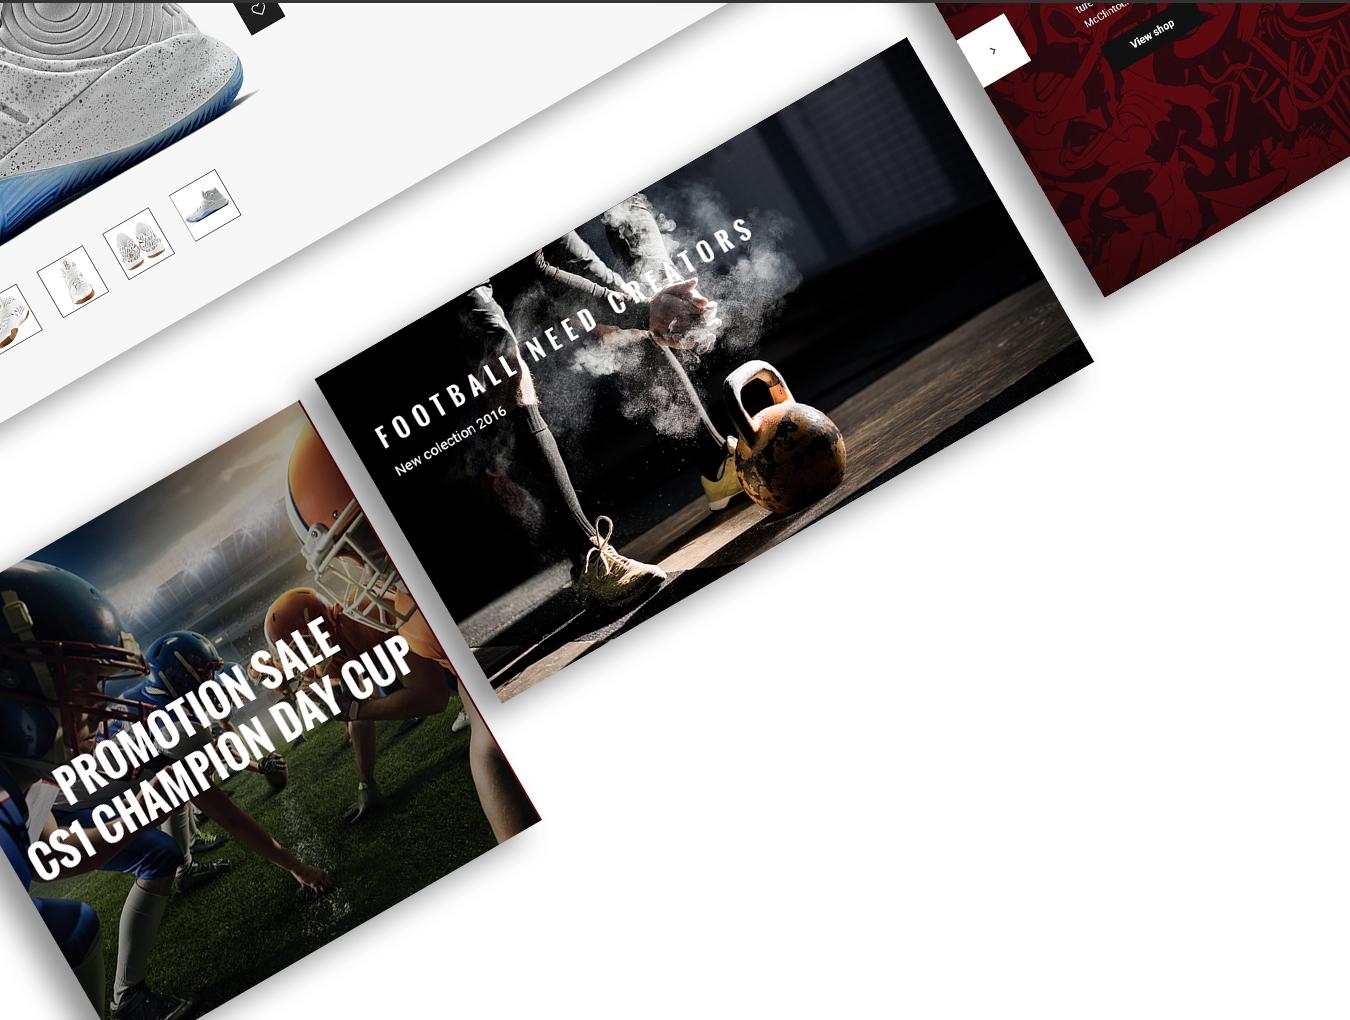 完整的鞋类电商平台MoodShop网站设计.psd素材下载 VIP网页模板-第5张